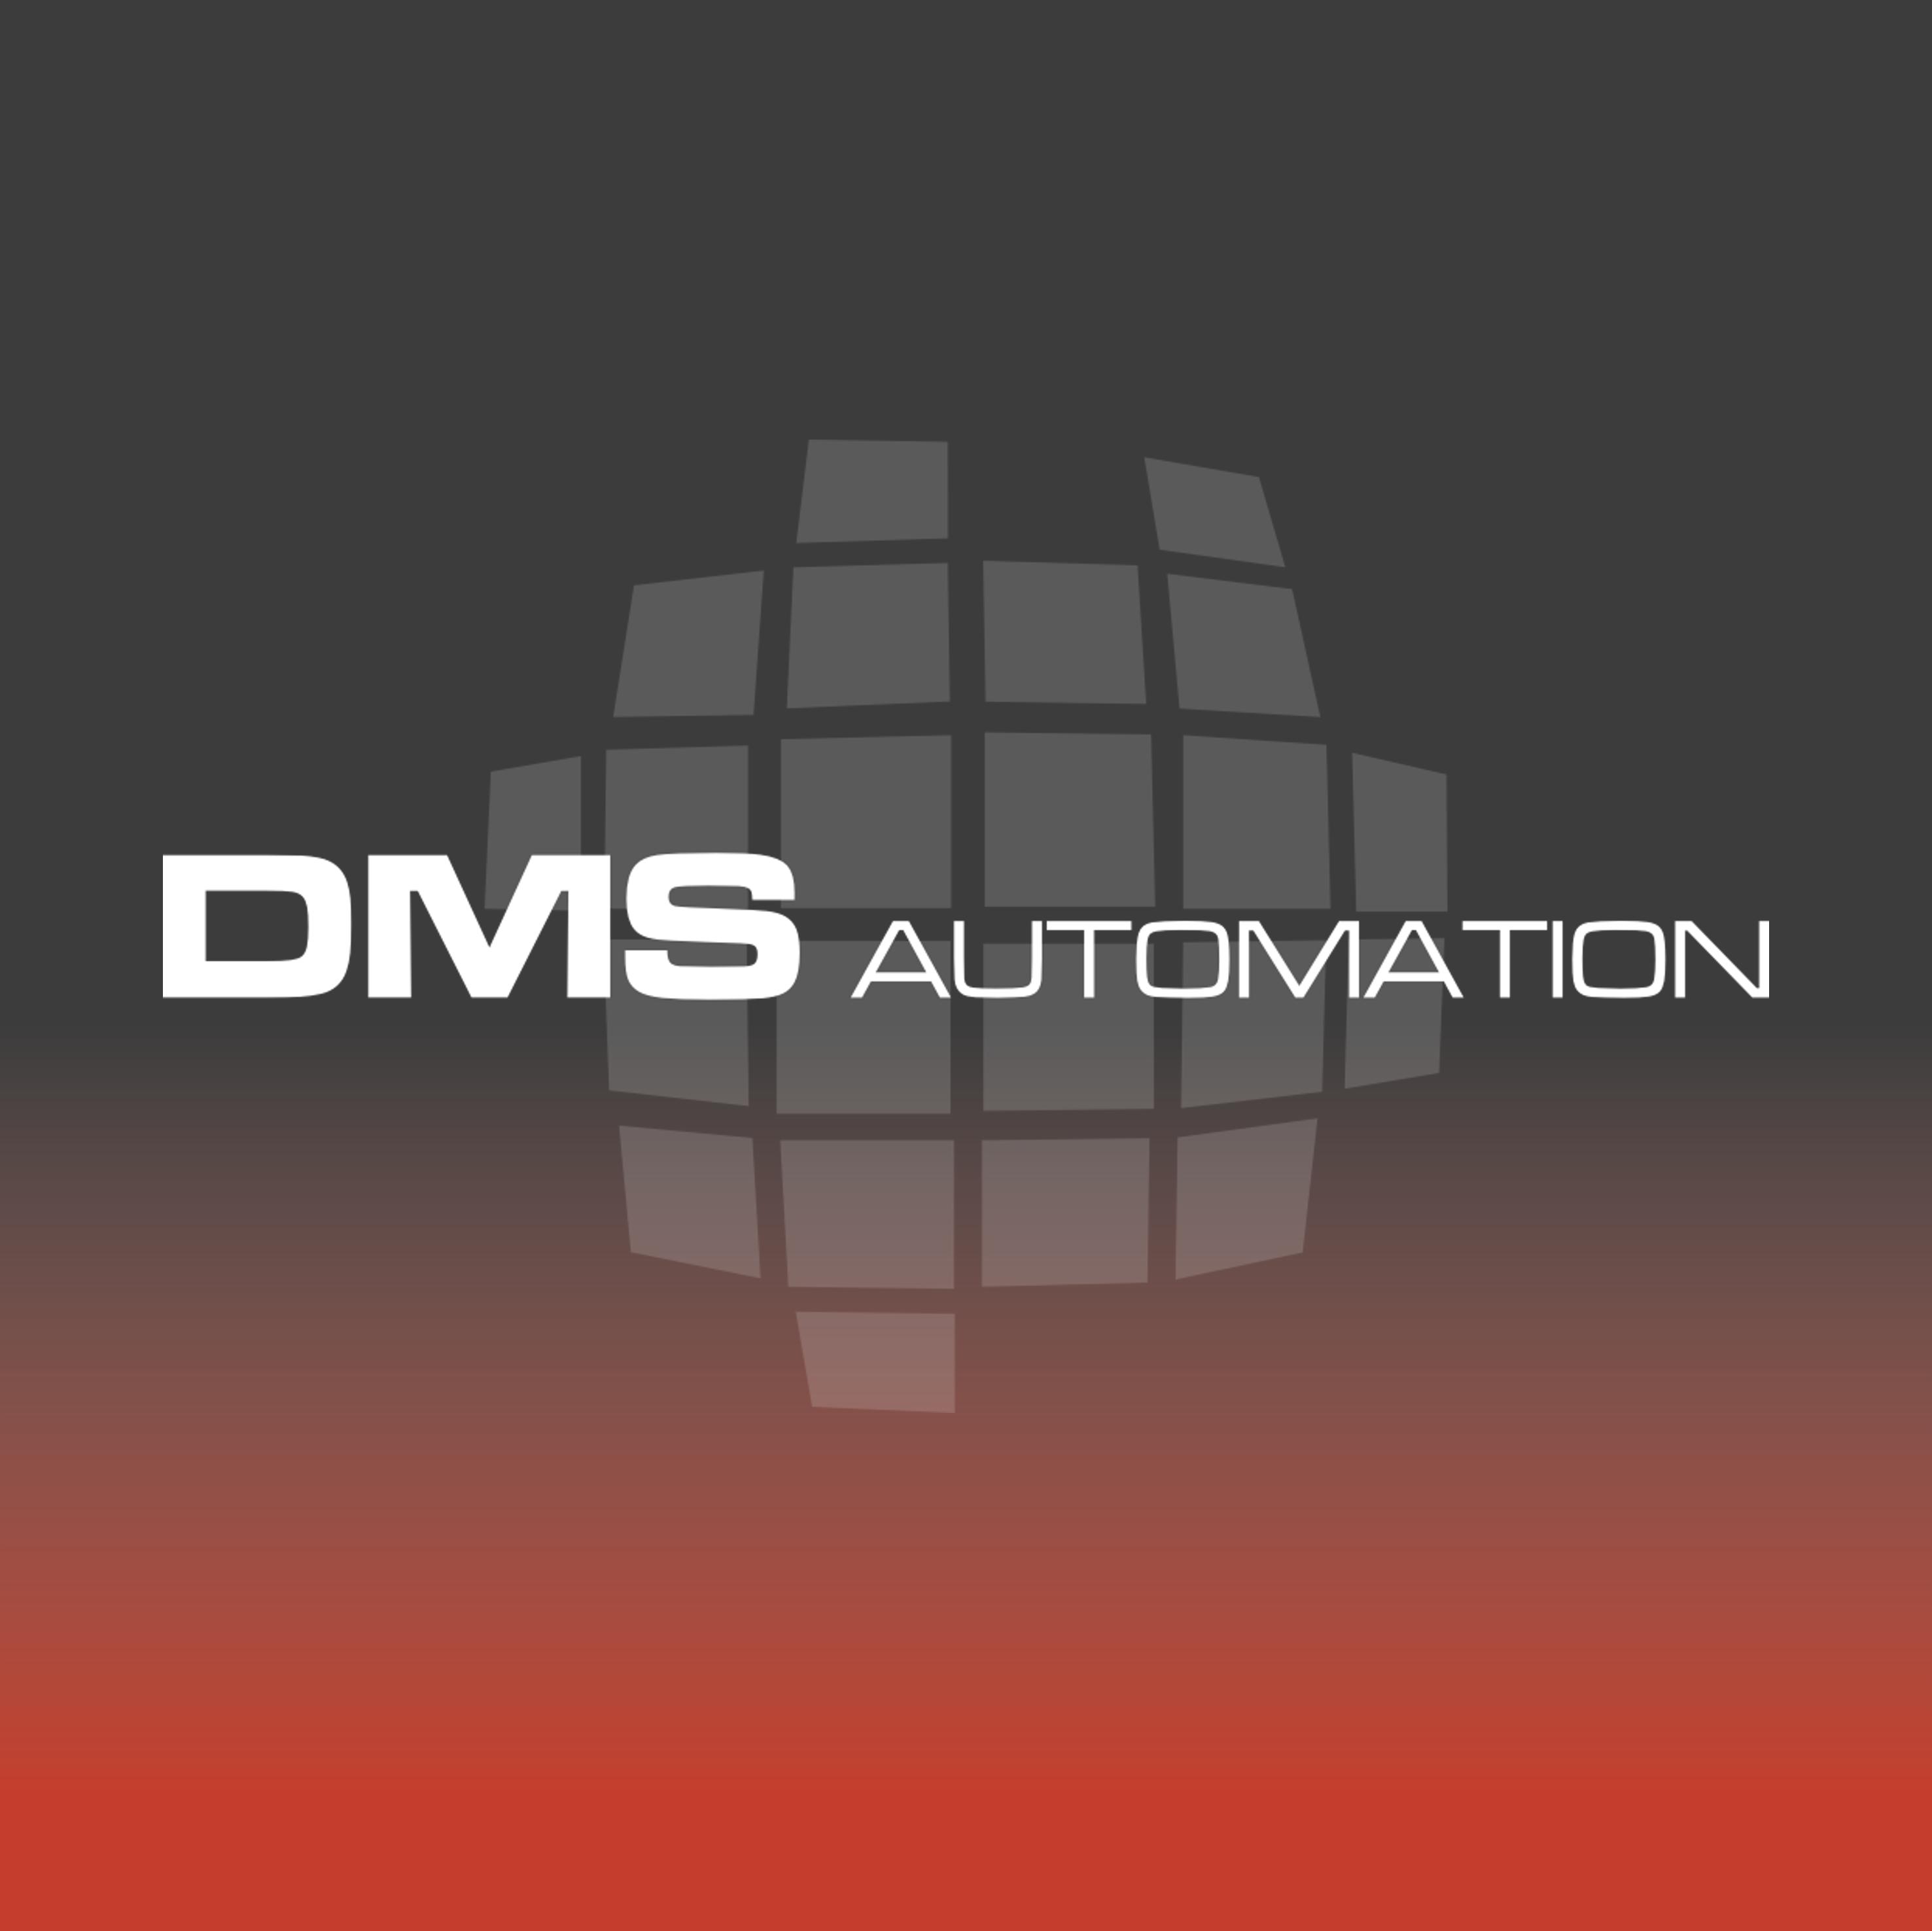 Automationslösungen bei DMS jetzt unter eigenem Gruppenlabel